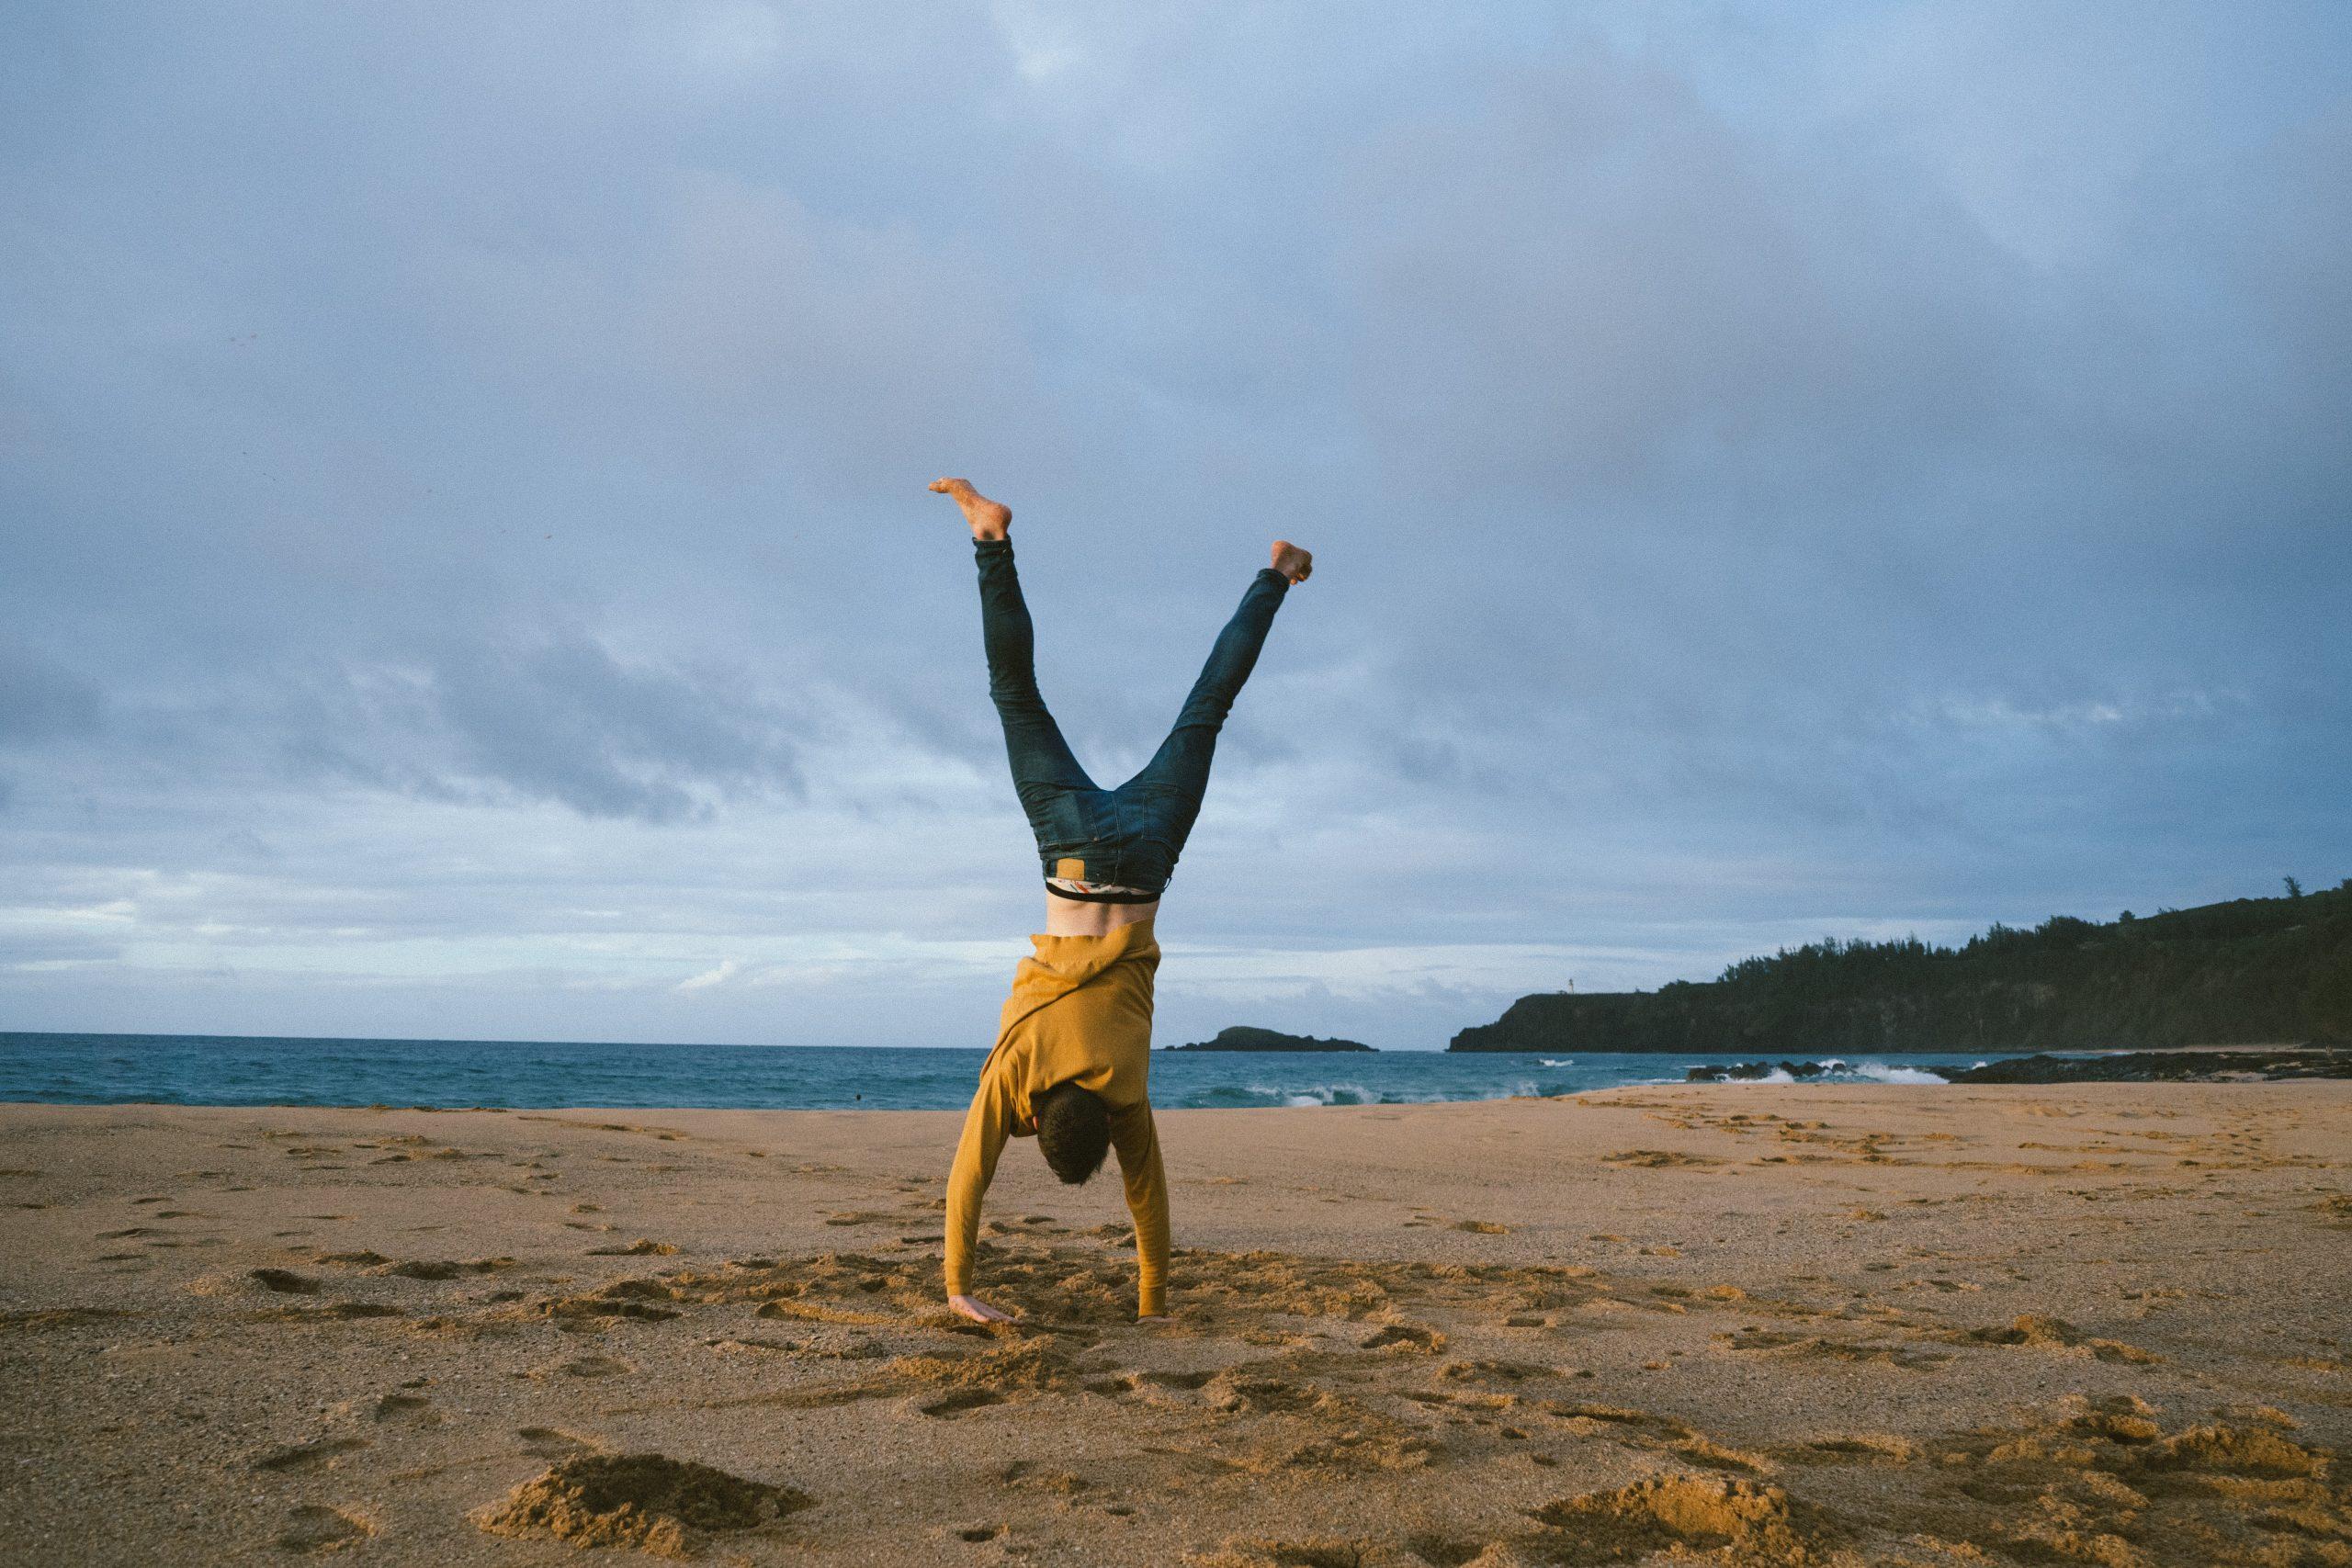 5 Actividades Para Disfrutar Aún Más De Tus Días De Playa